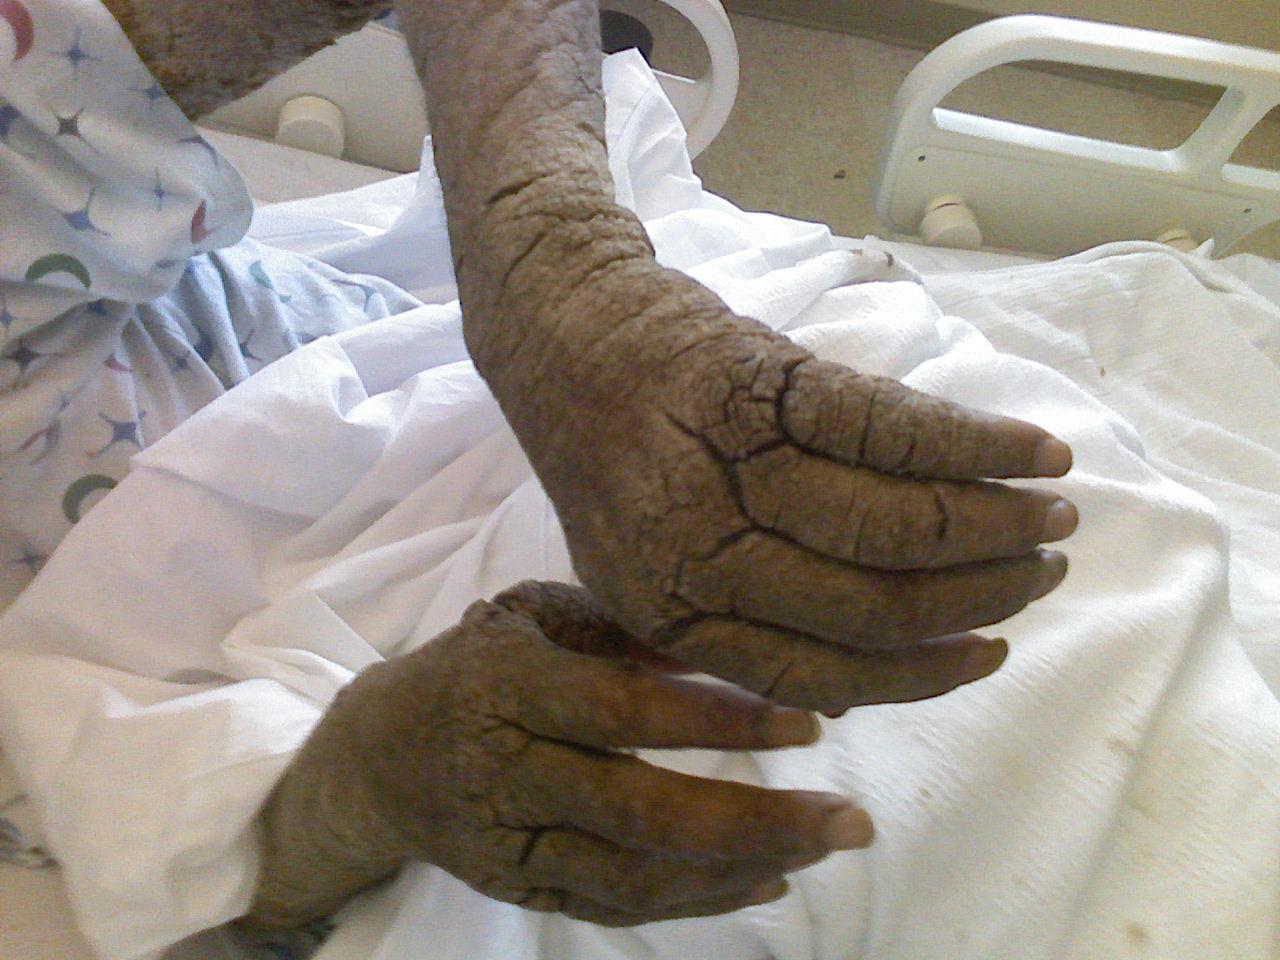 vörös száraz foltok a kezeken viszketnek pikkelysömör kezelése Essentuki-ban